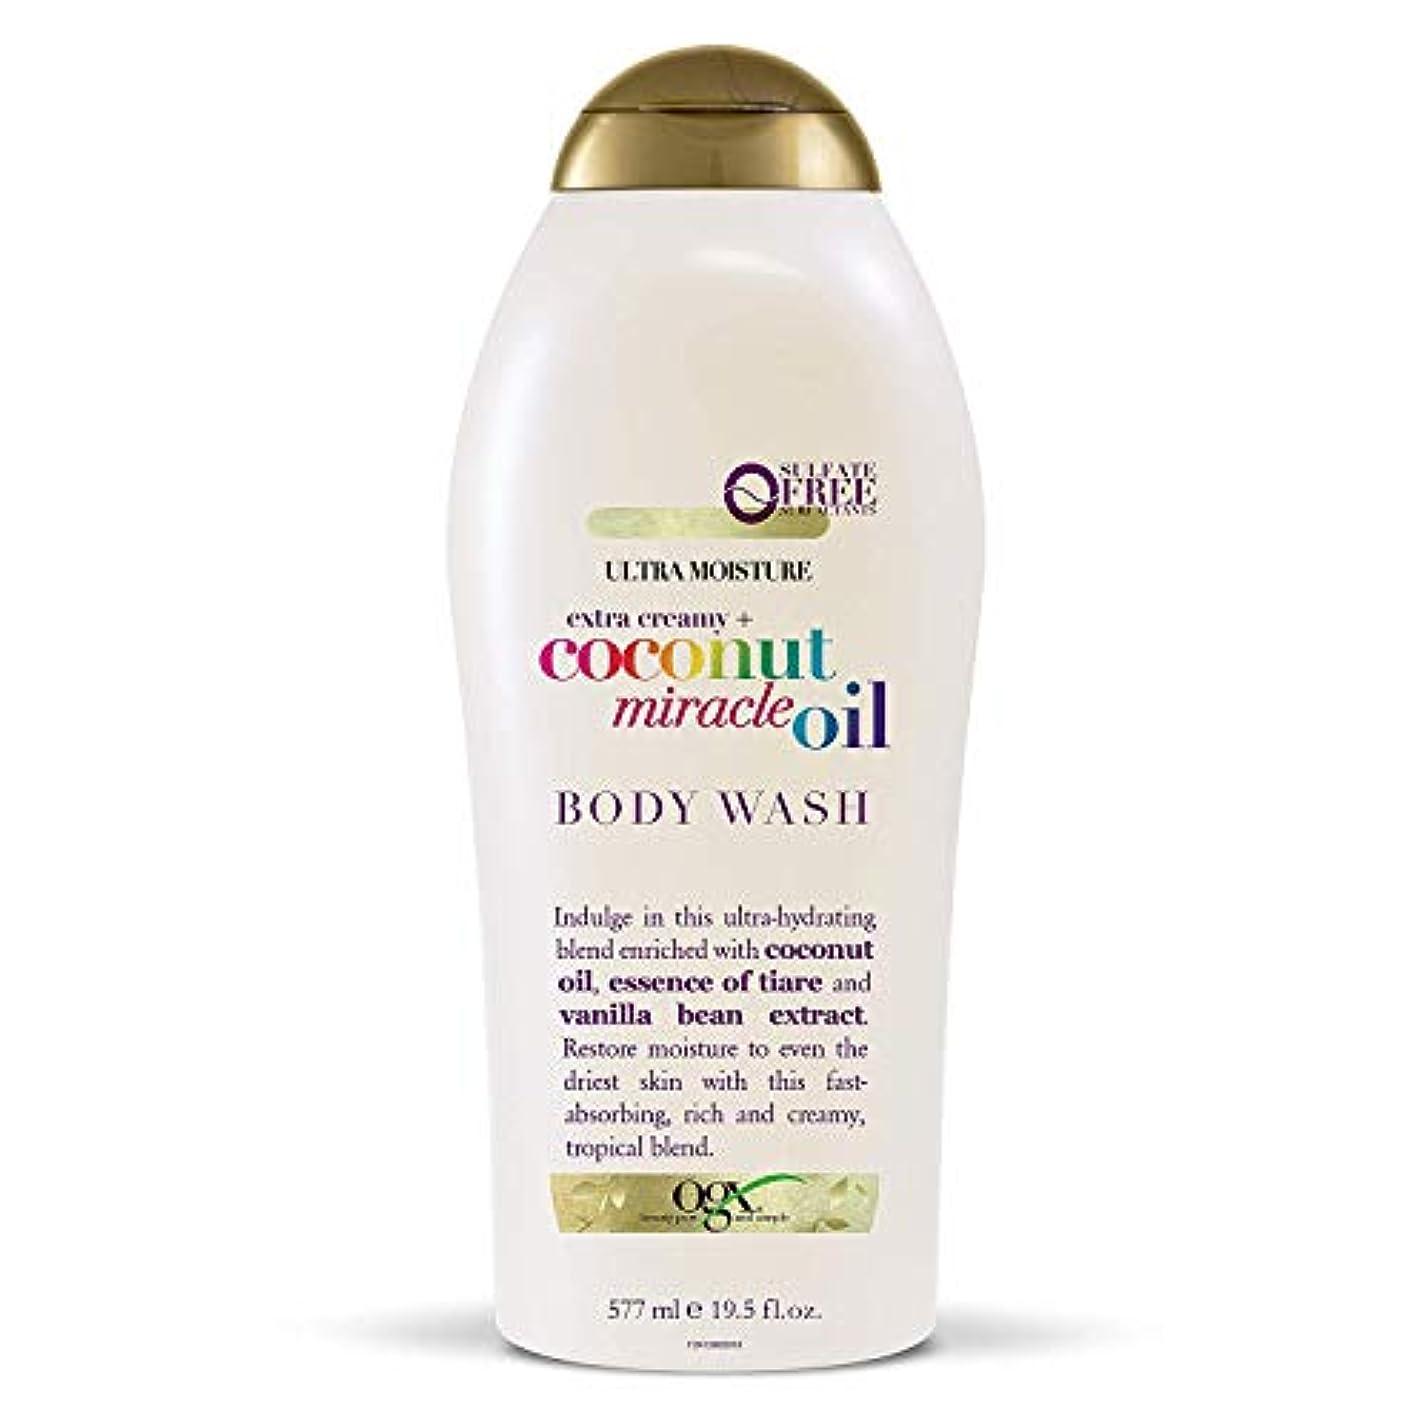 パイロットデジタル恐ろしいですOgx Body Wash Coconut Miracle Oil Extra Strength 19.5oz OGX ココナッツミラクルオイル エクストラストレングス ボディウォッシュ 577ml [並行輸入品]